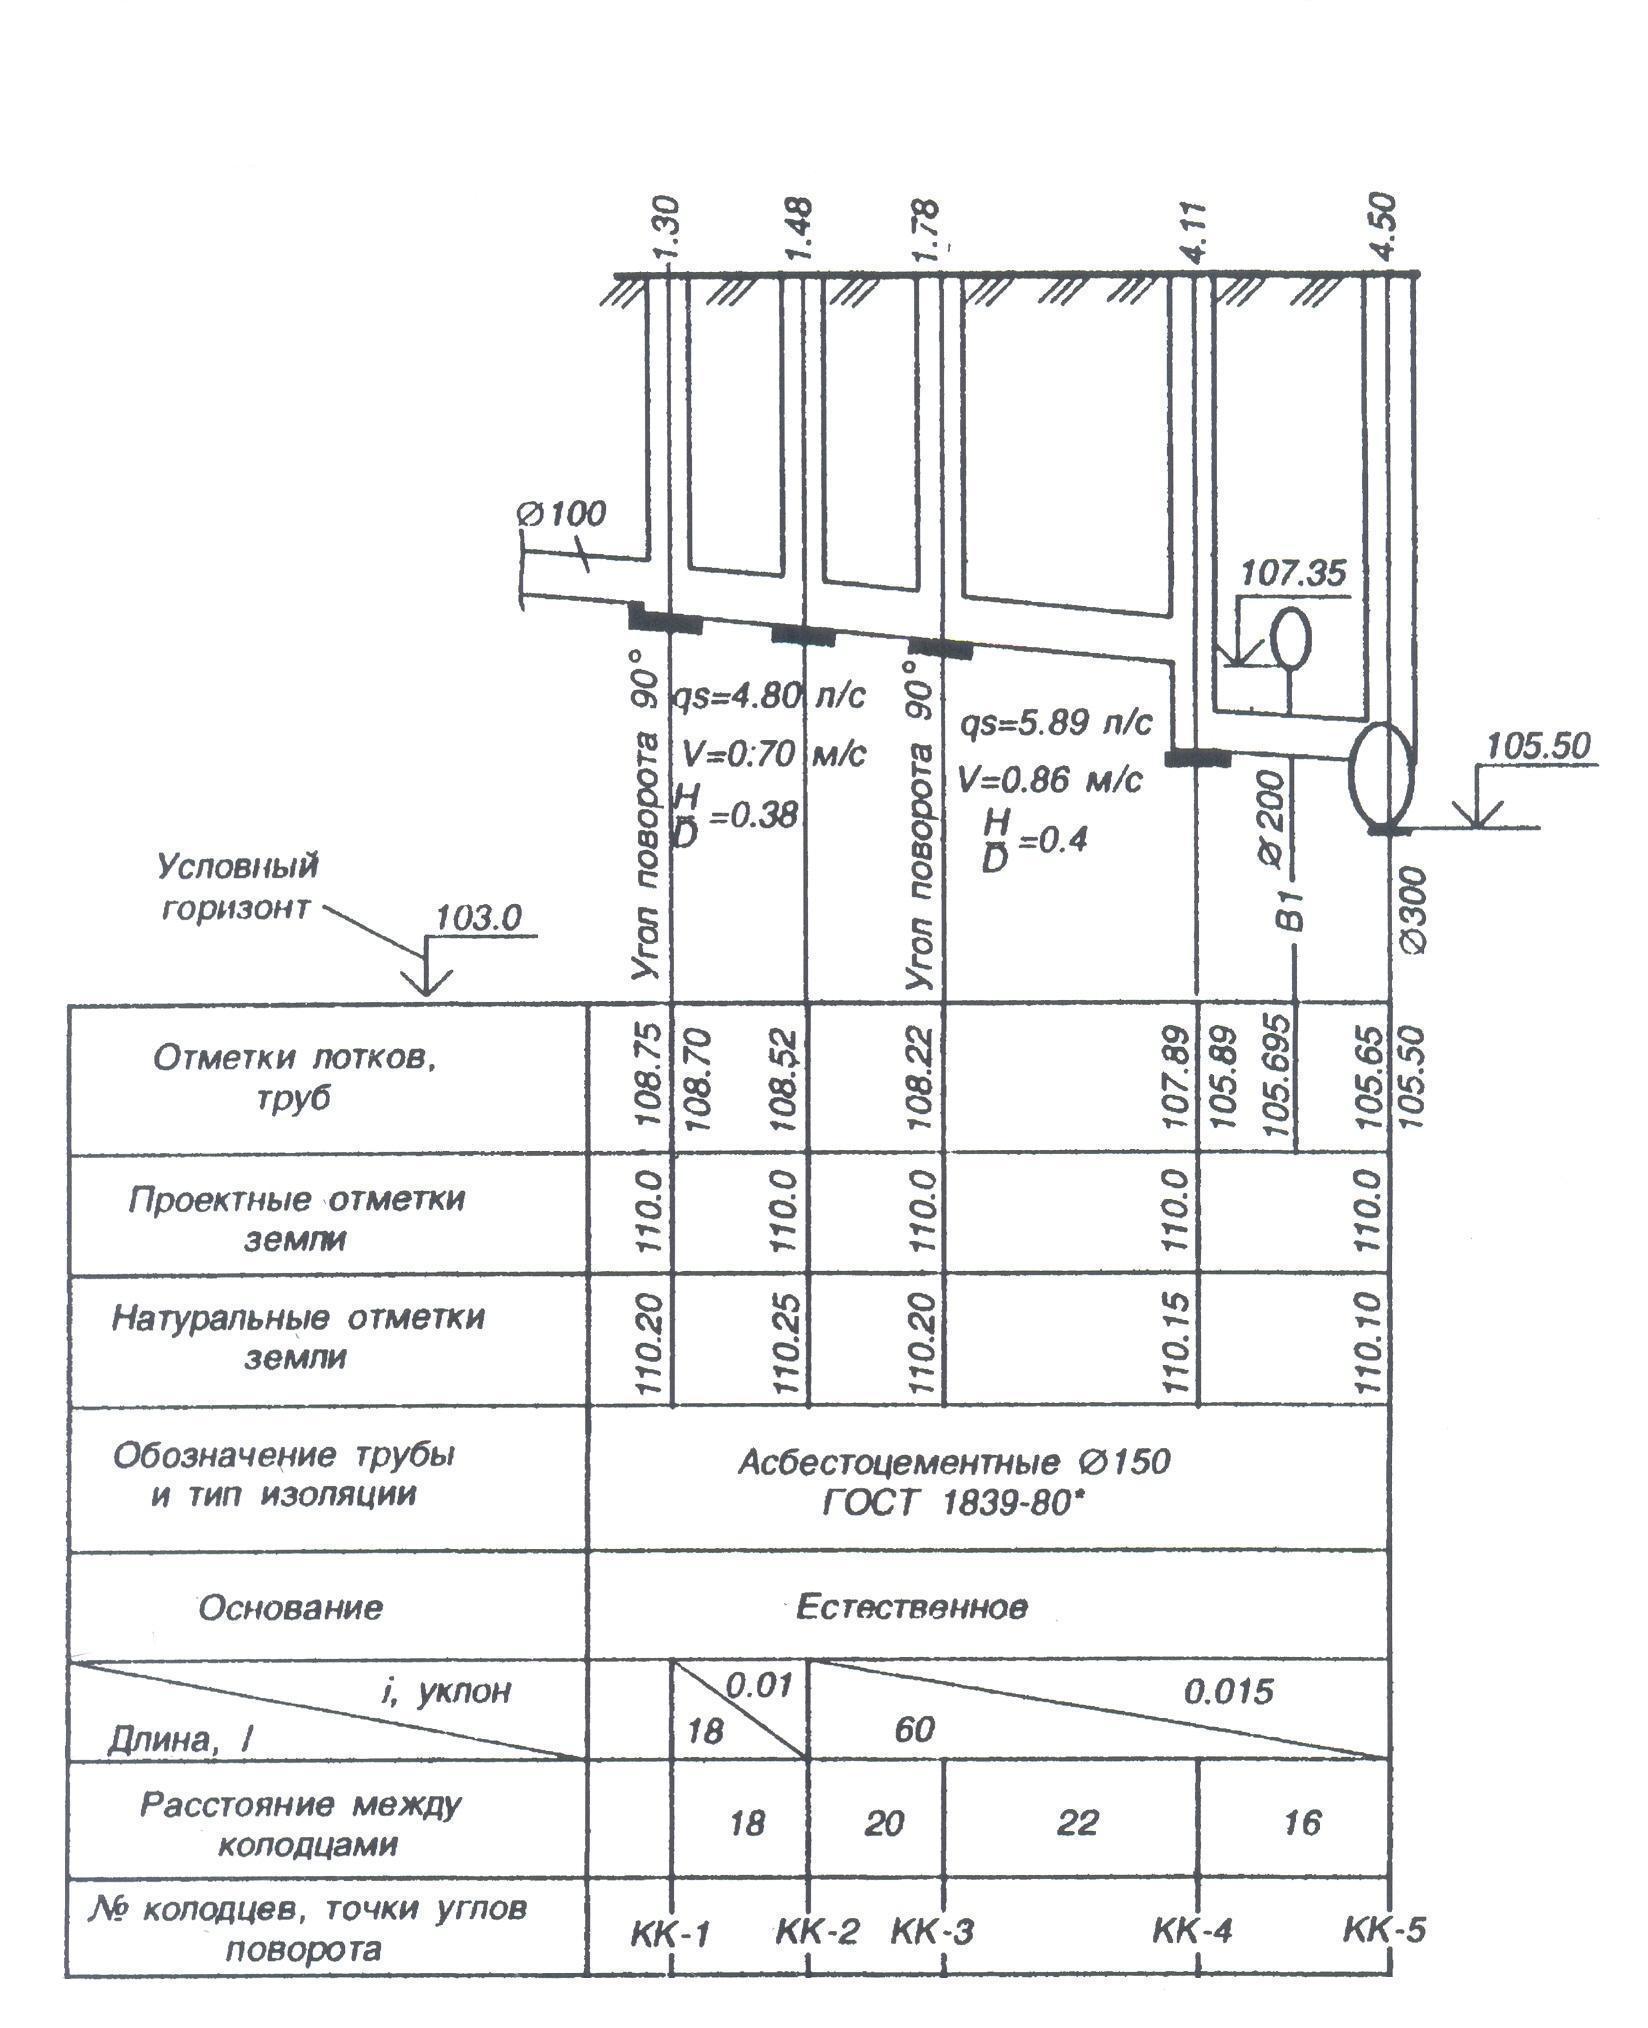 Общие положения СП для наружных сетей водопровода и канализации